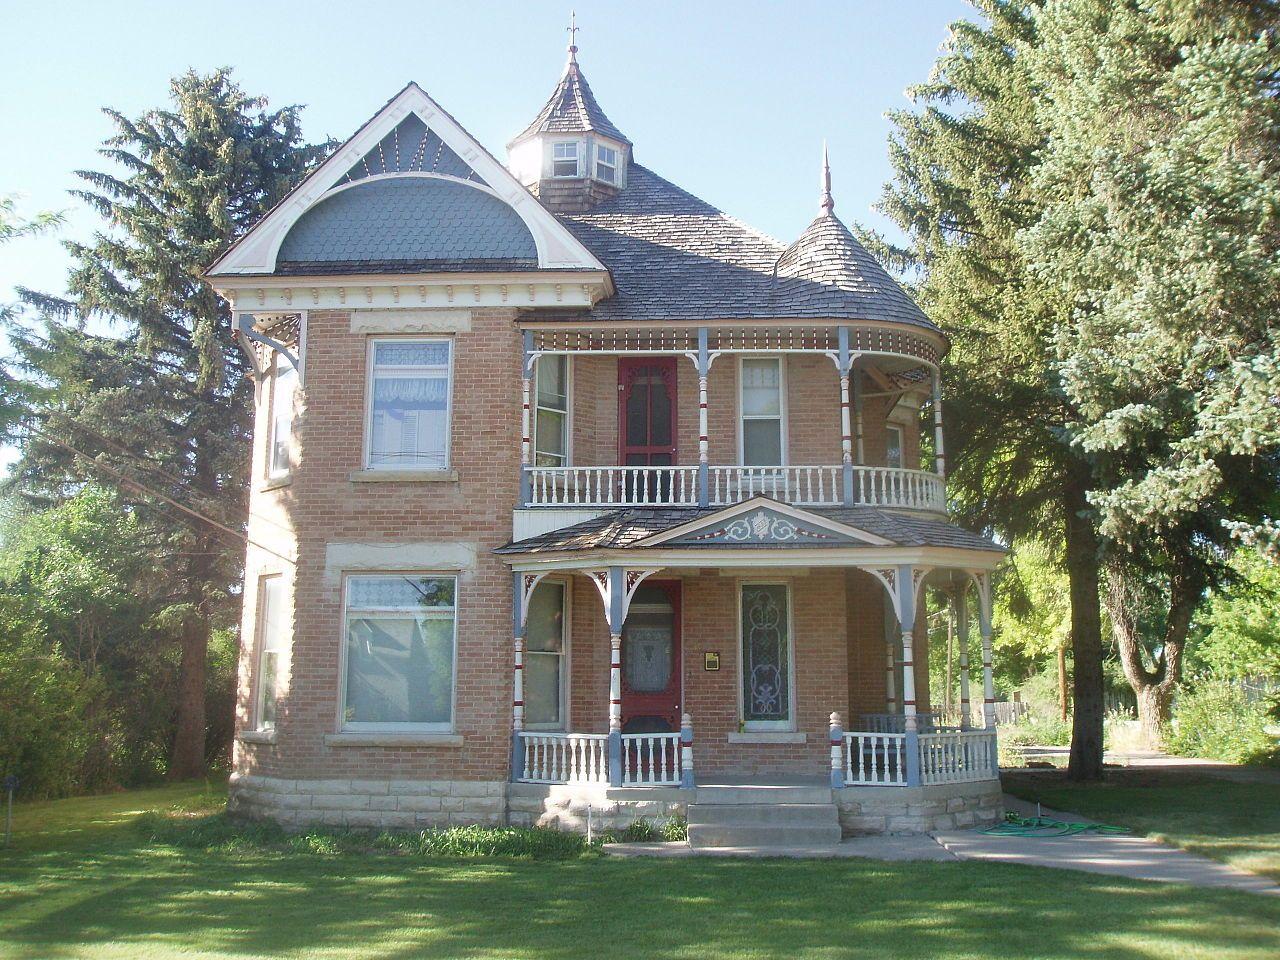 John Dorius Jr House In Sanpete County Utah National Register Of Historic Places Utah Ephraim Utah